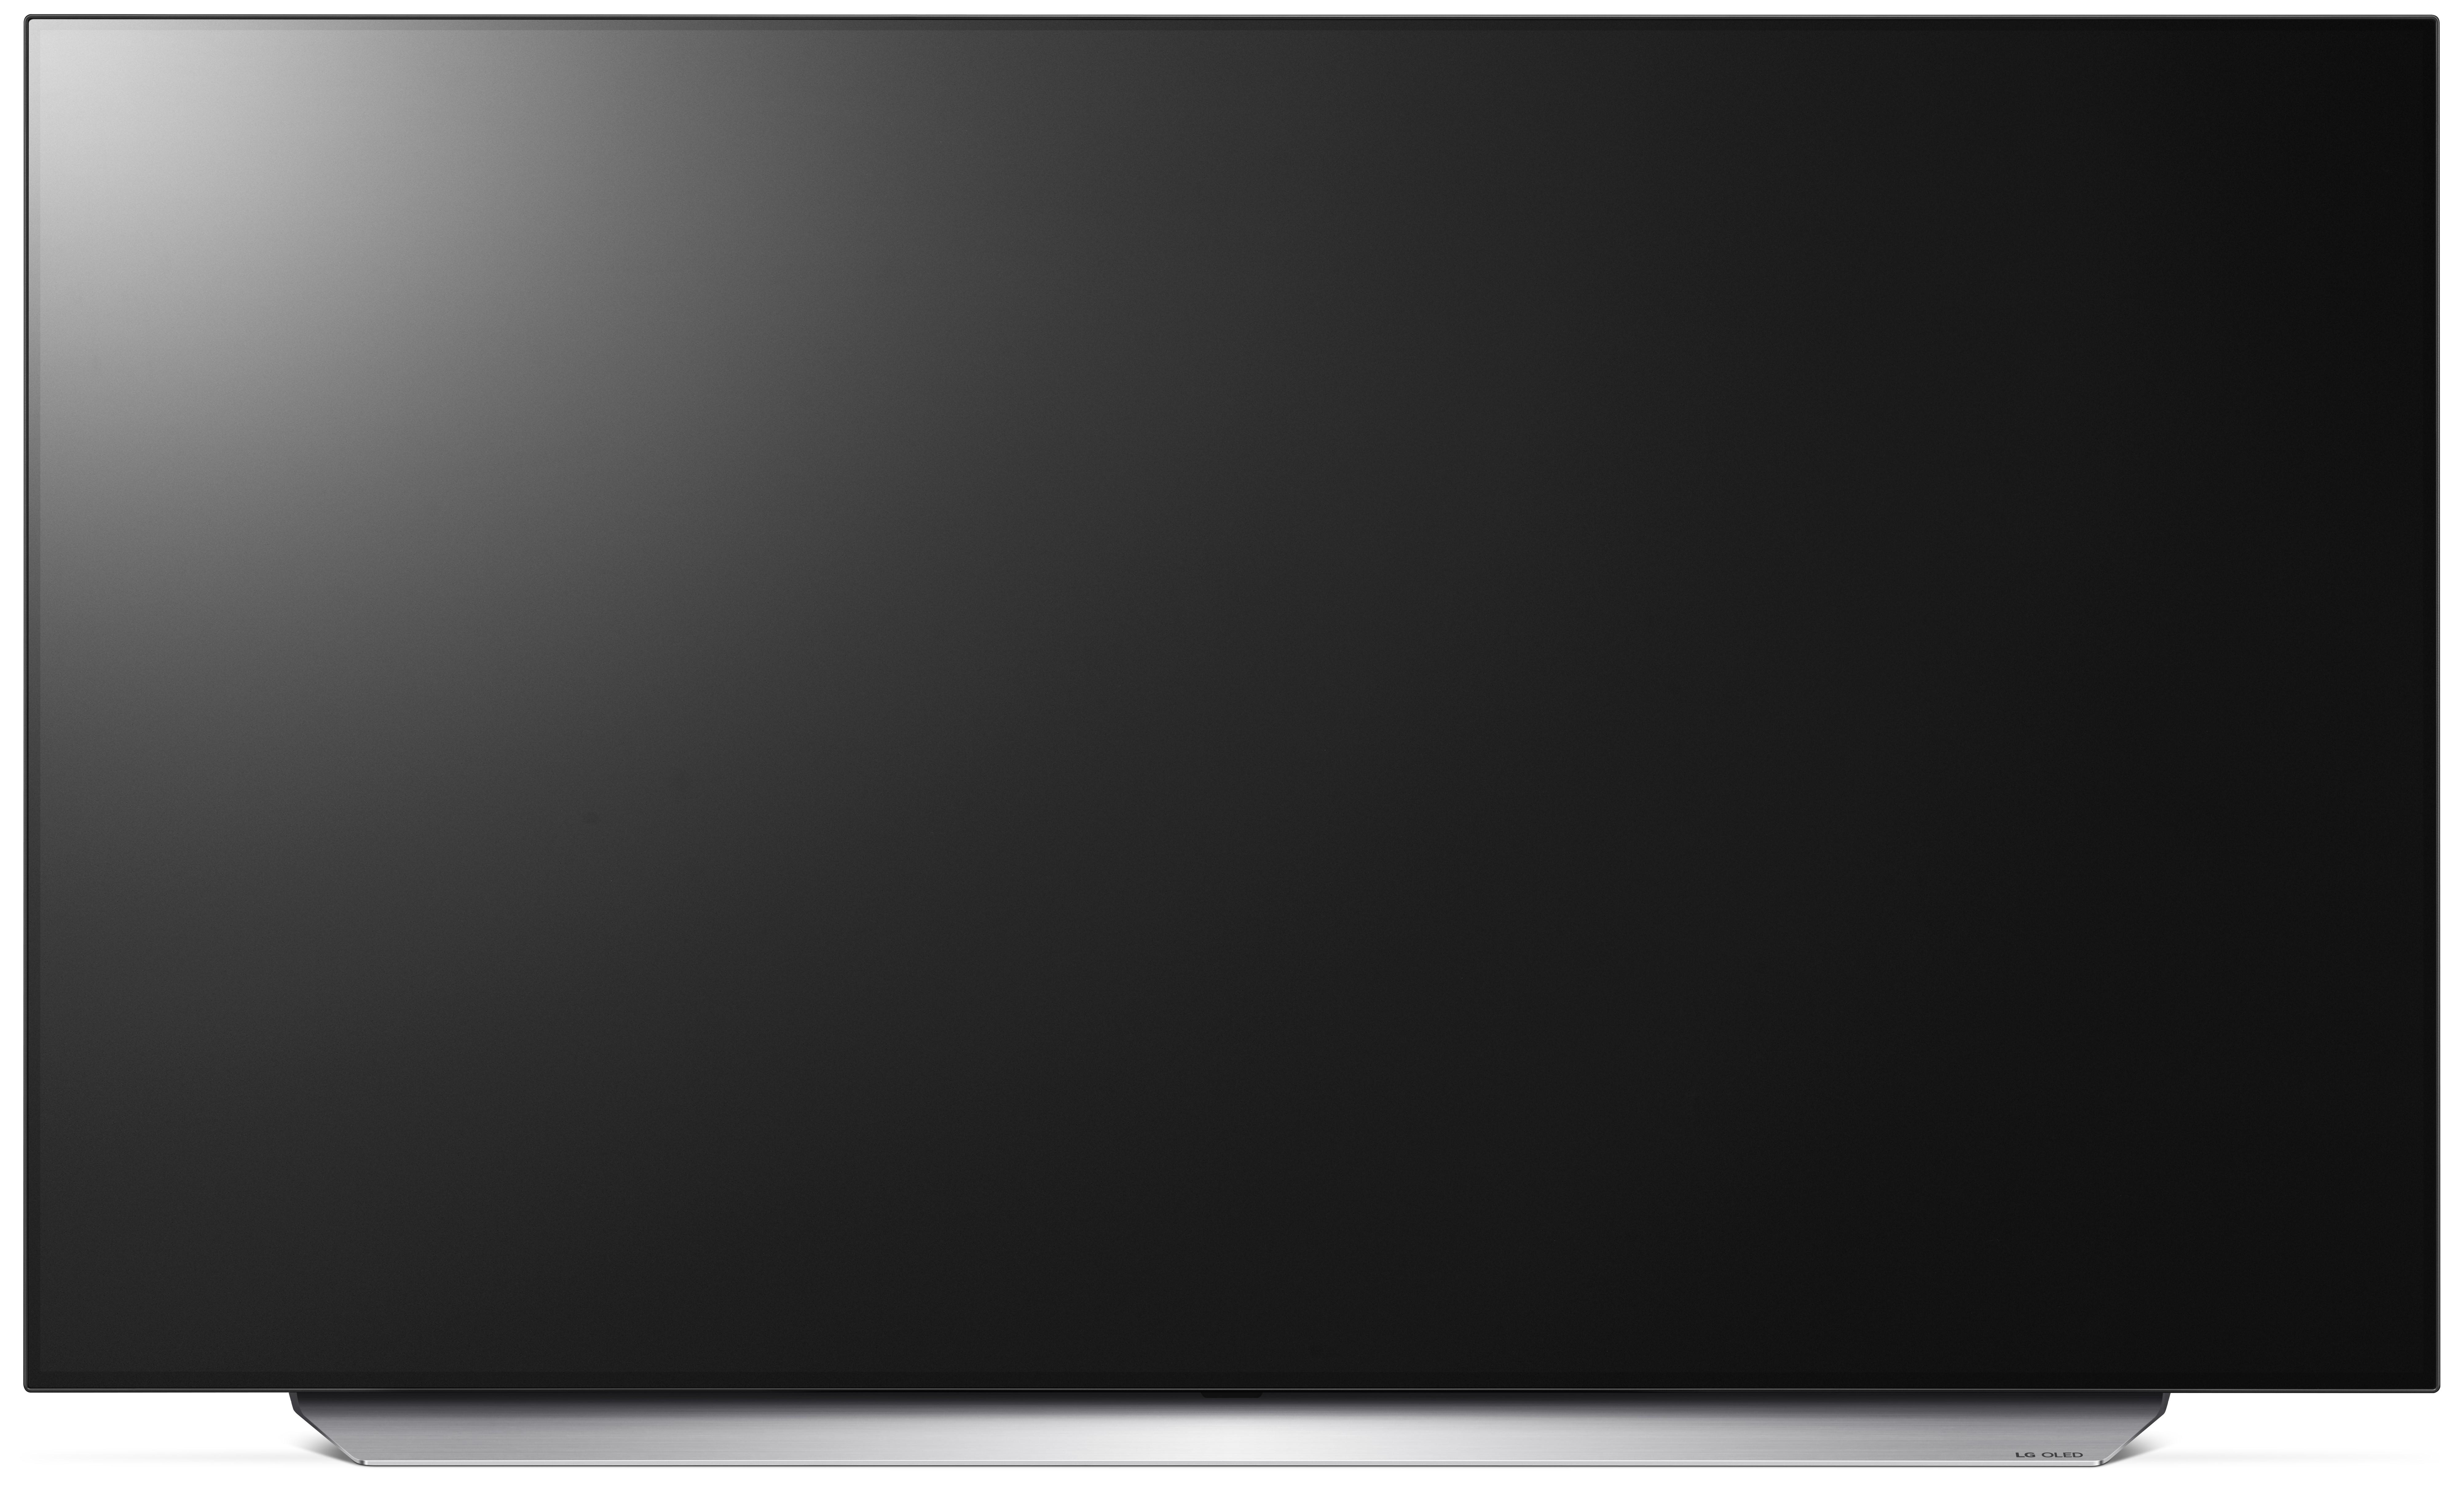 LG OLED TV 48C1